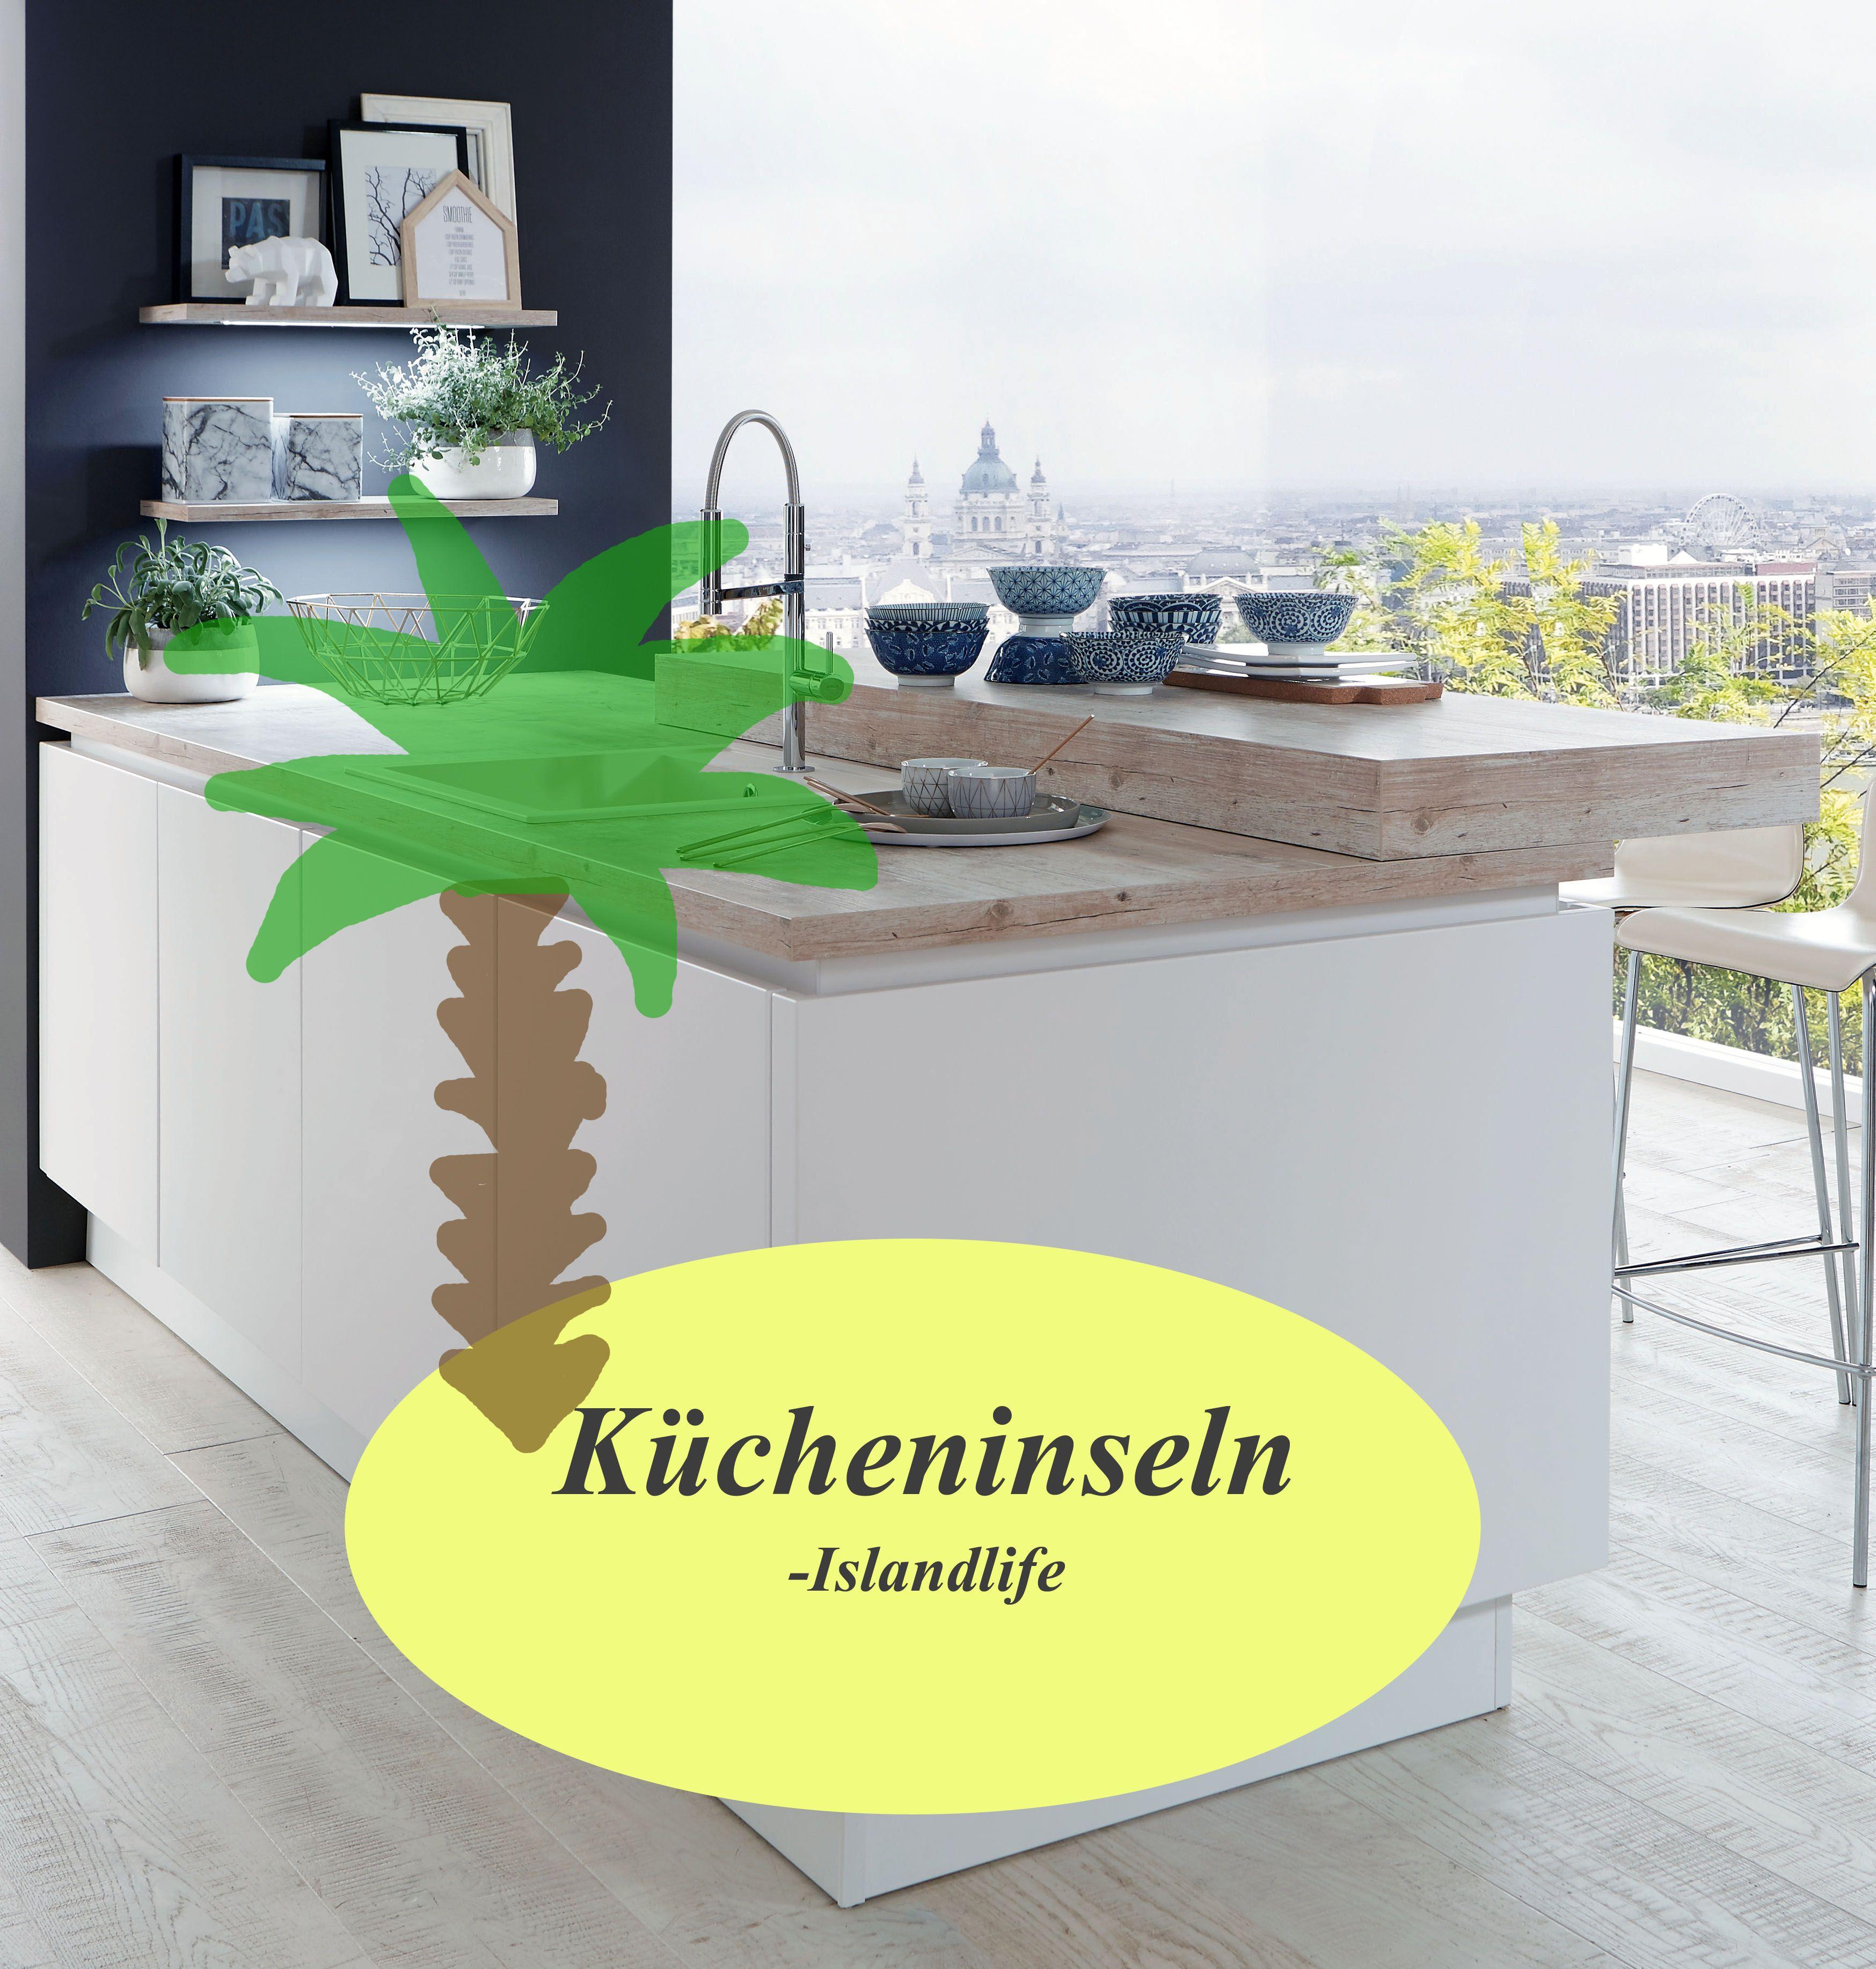 Pin von Küche&Co auf Kücheninseln- Islandlife | Pinterest | Kücheninsel